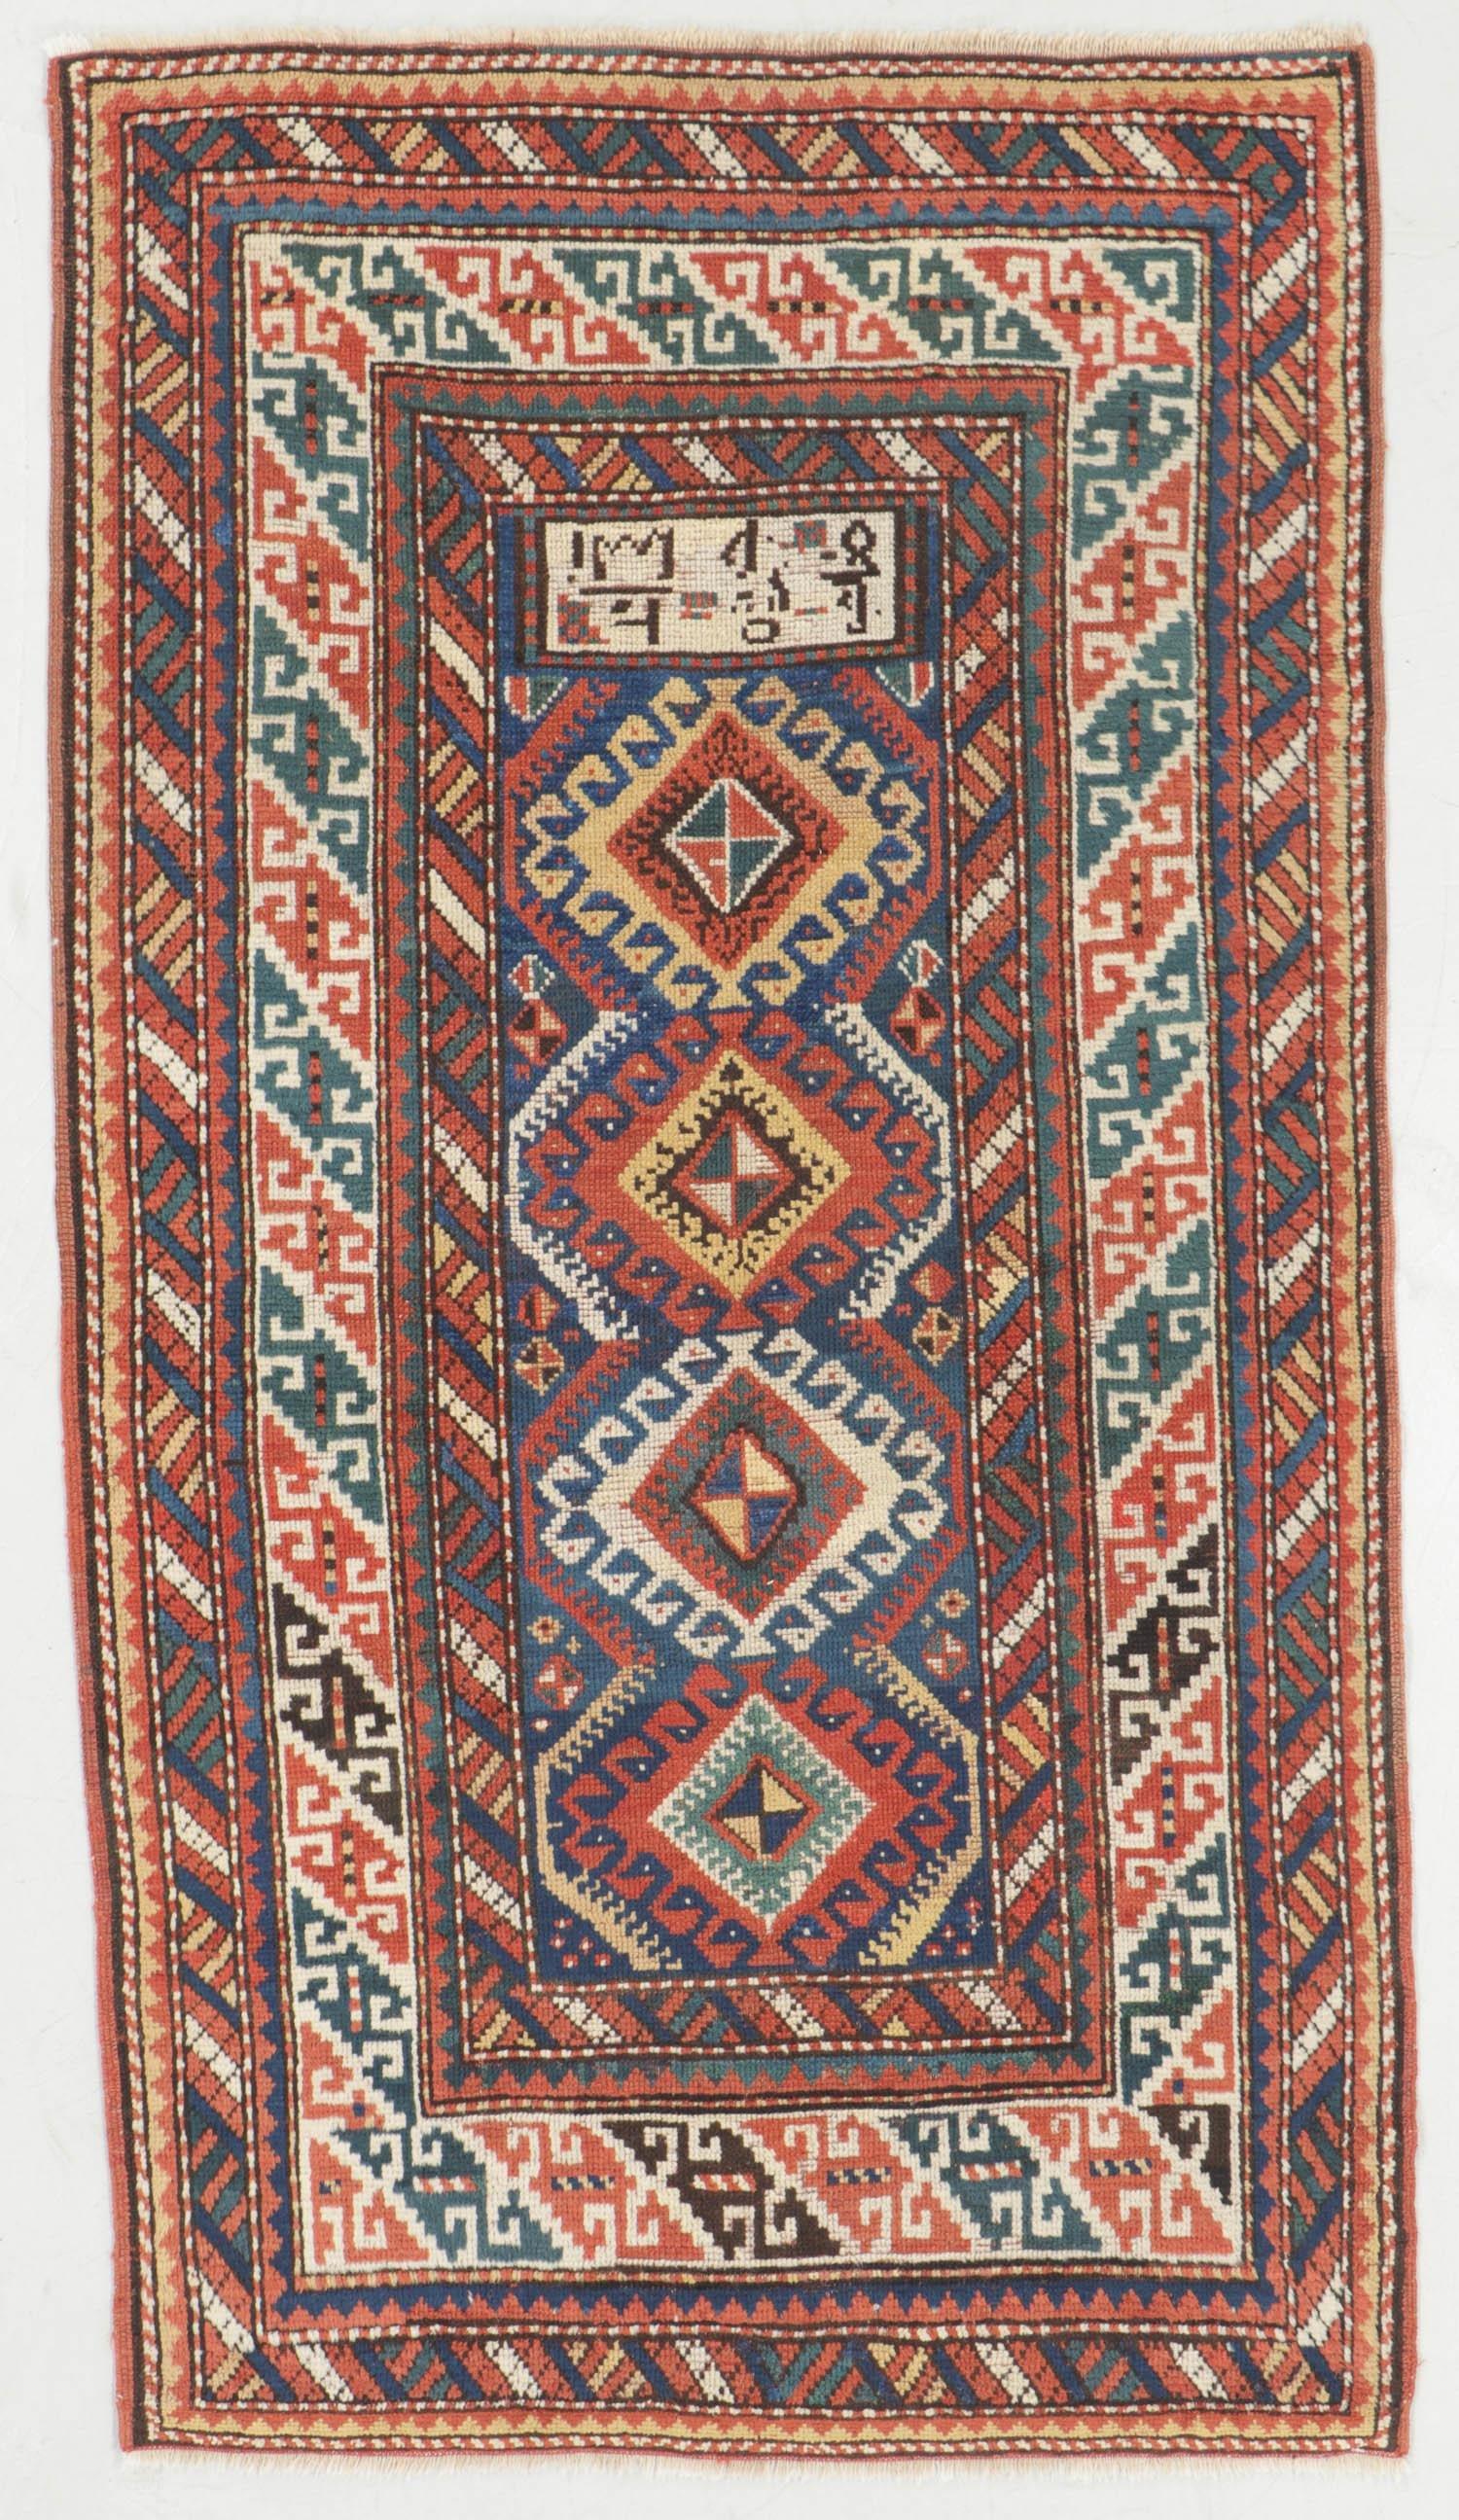 Antique Kazak Rug, Caucasus: 3'1'' x 5'8''